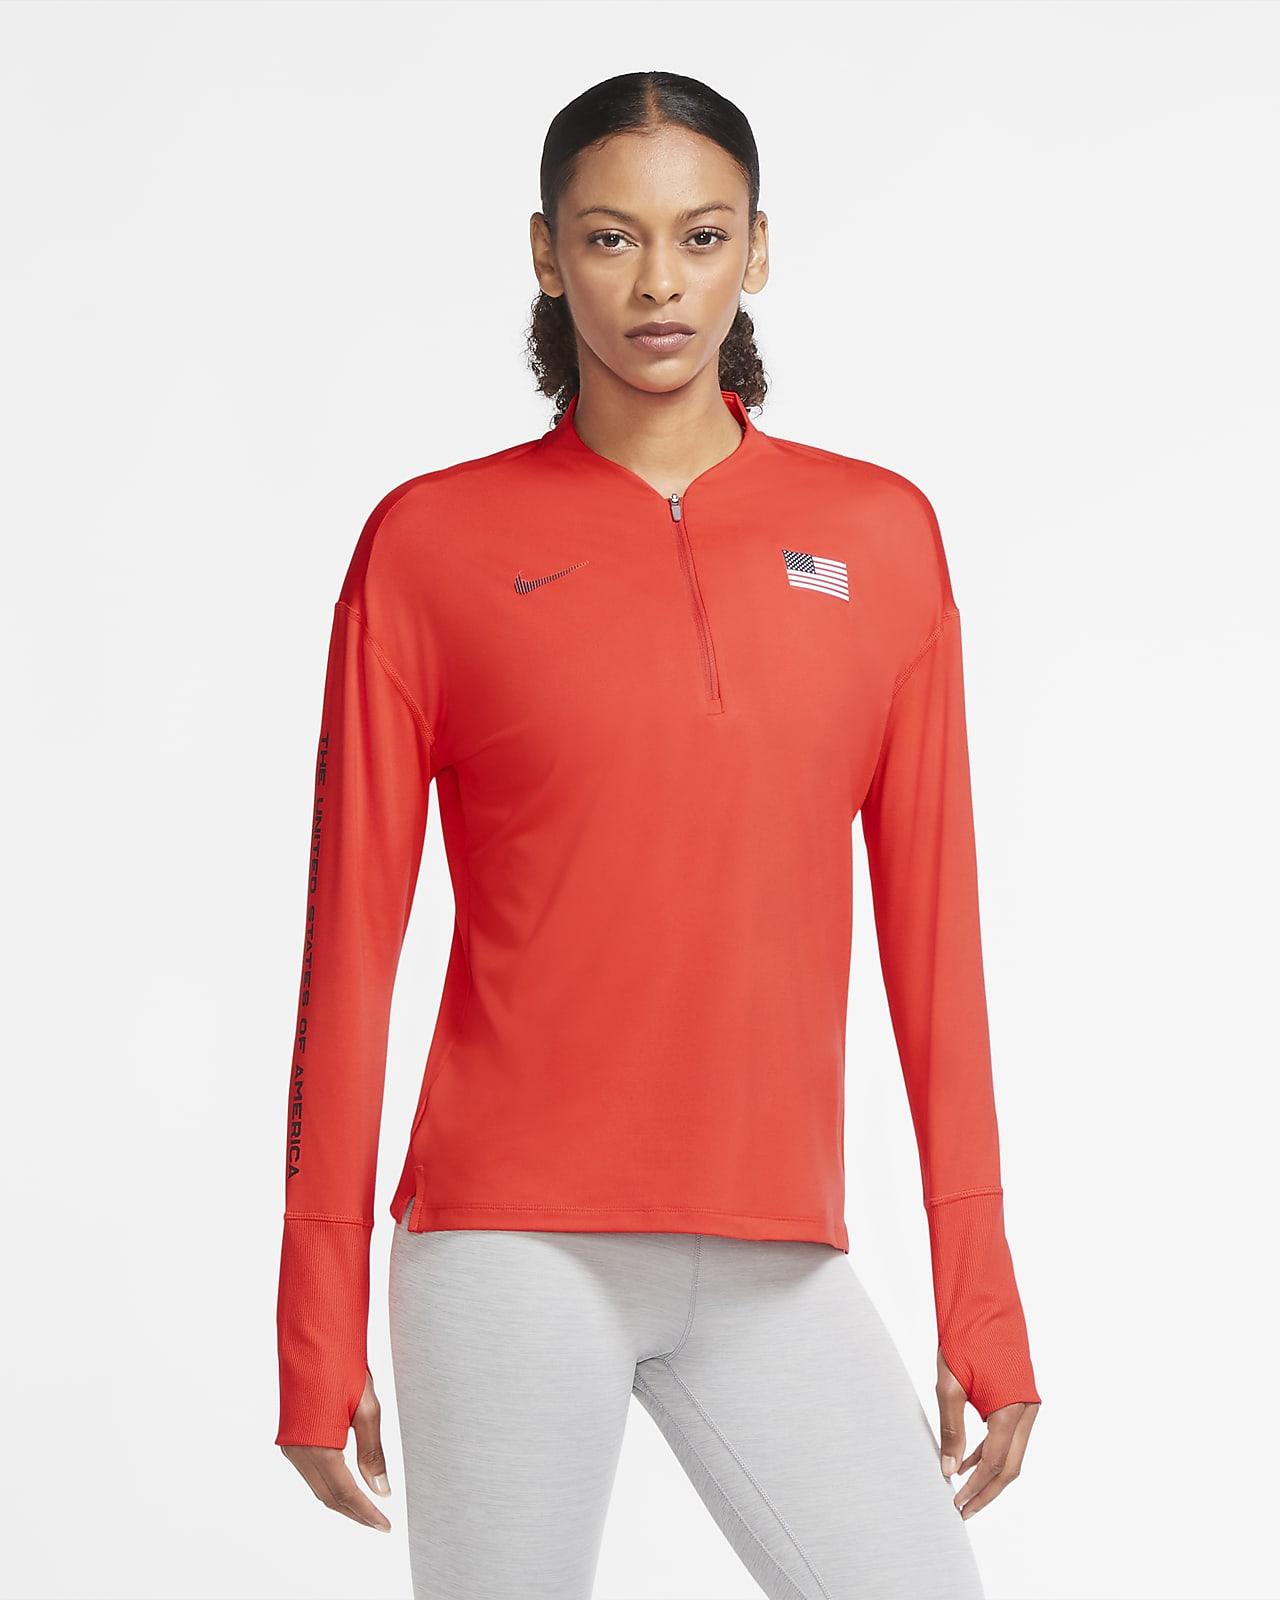 Γυναικεία μπλούζα για τρέξιμο με φερμουάρ στο μισό μήκος Nike Team ΗΠΑ